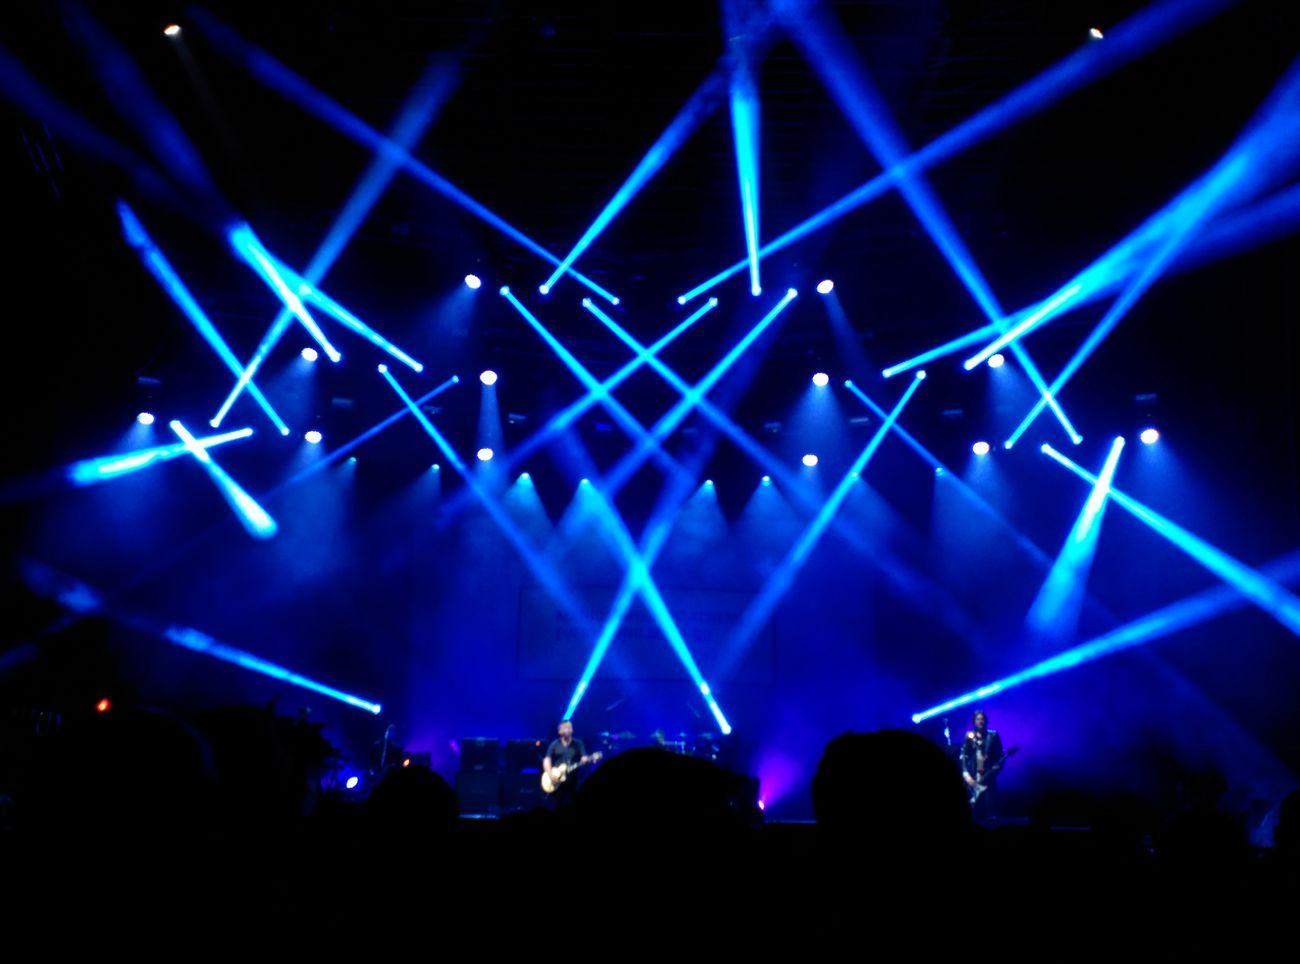 Musicaenvivo ManicStreetPreachers Festivalsos4.8 Murcia Music No Edit/no Filter